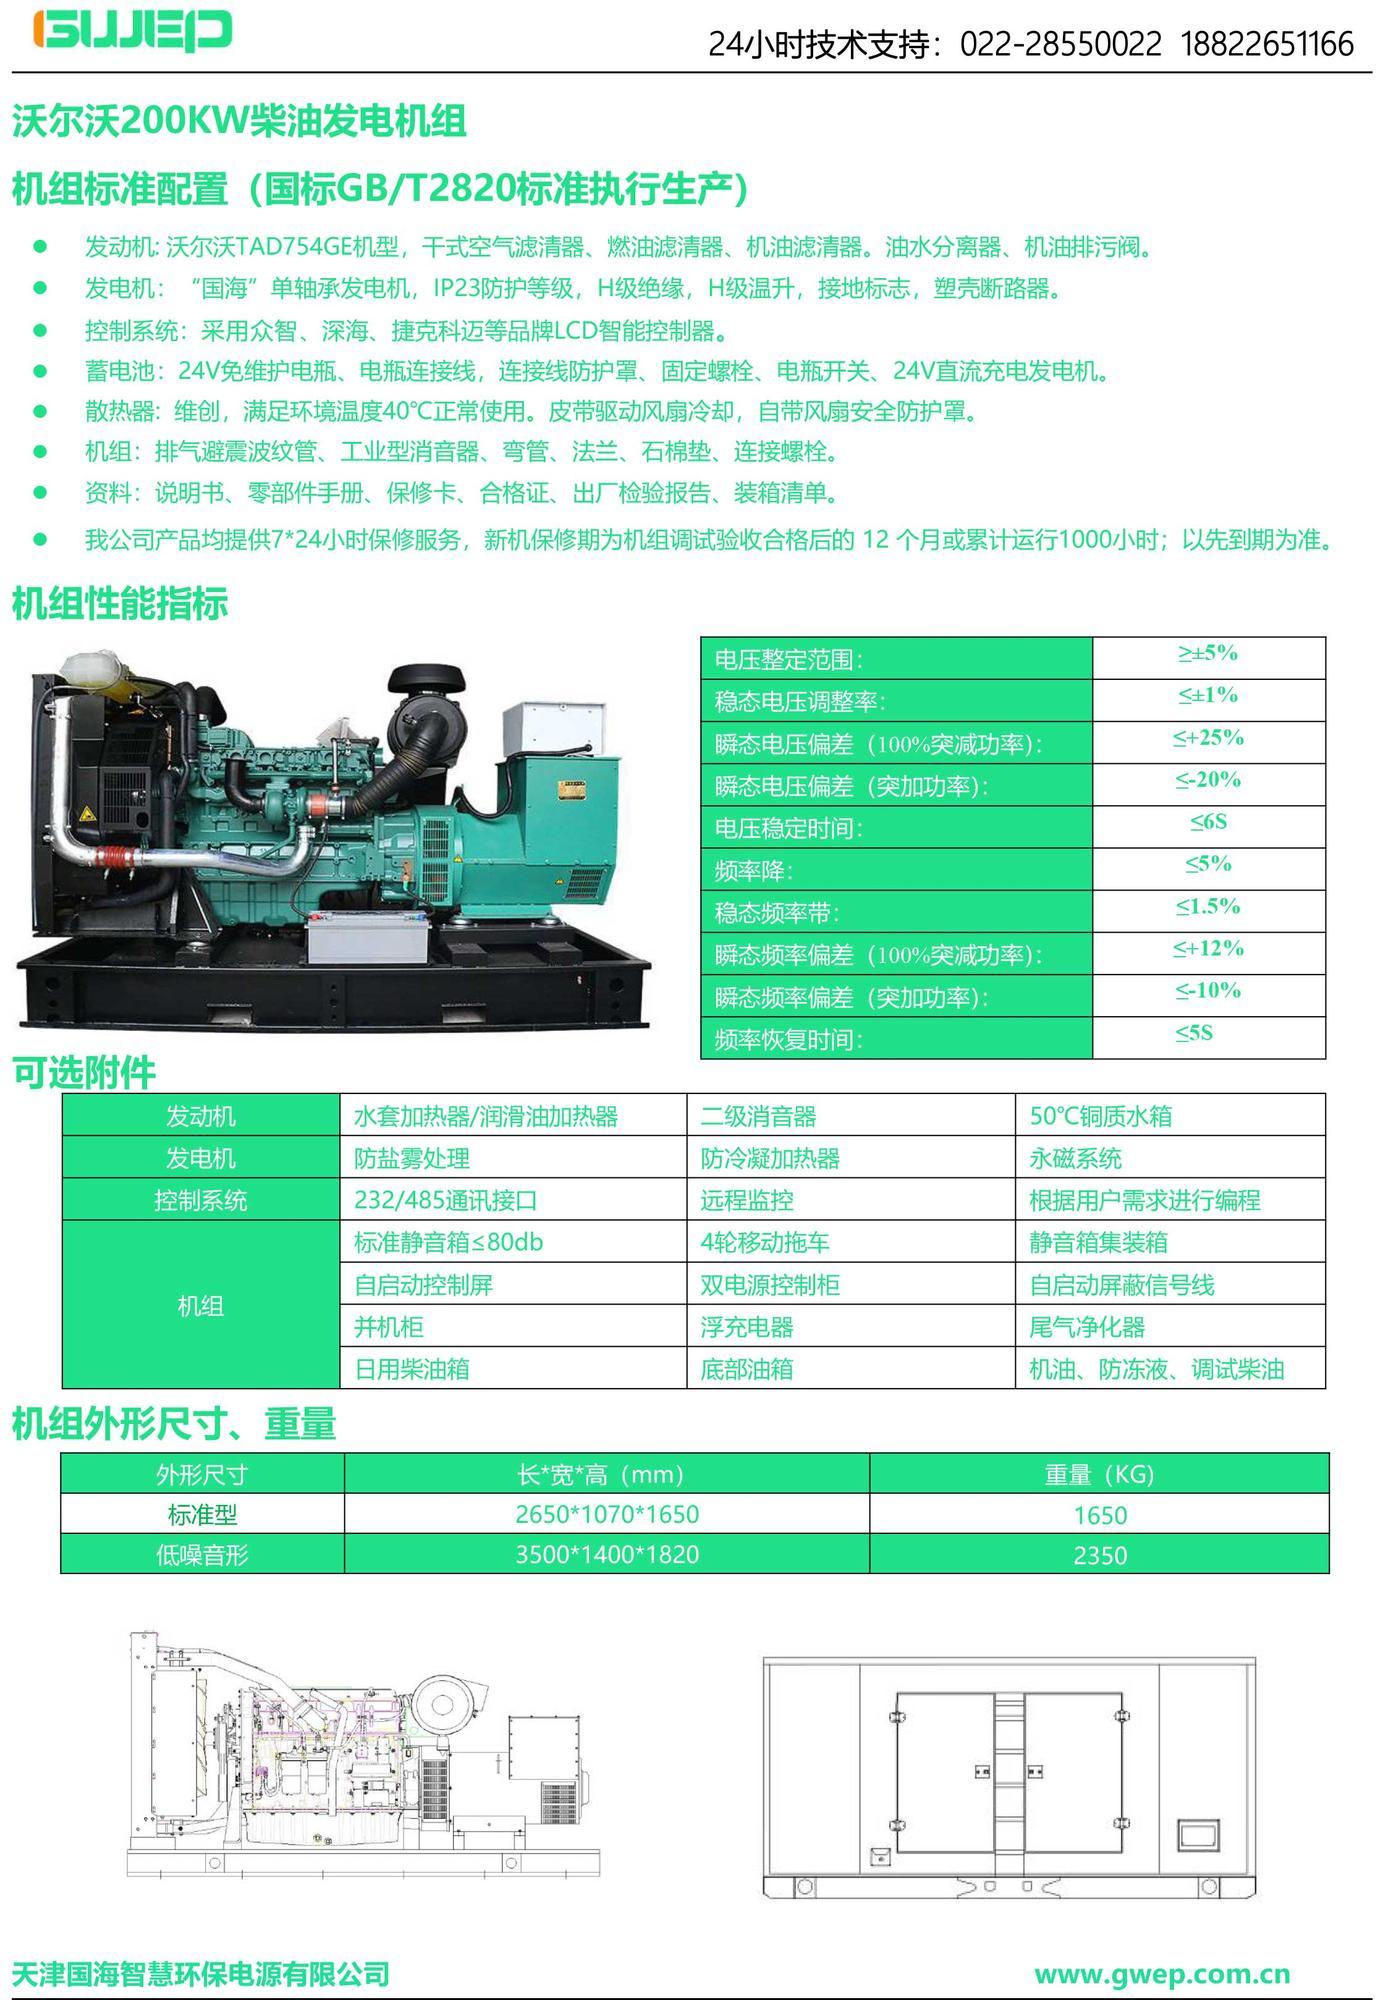 沃尔沃200KW发电机组技术资料-1.jpg